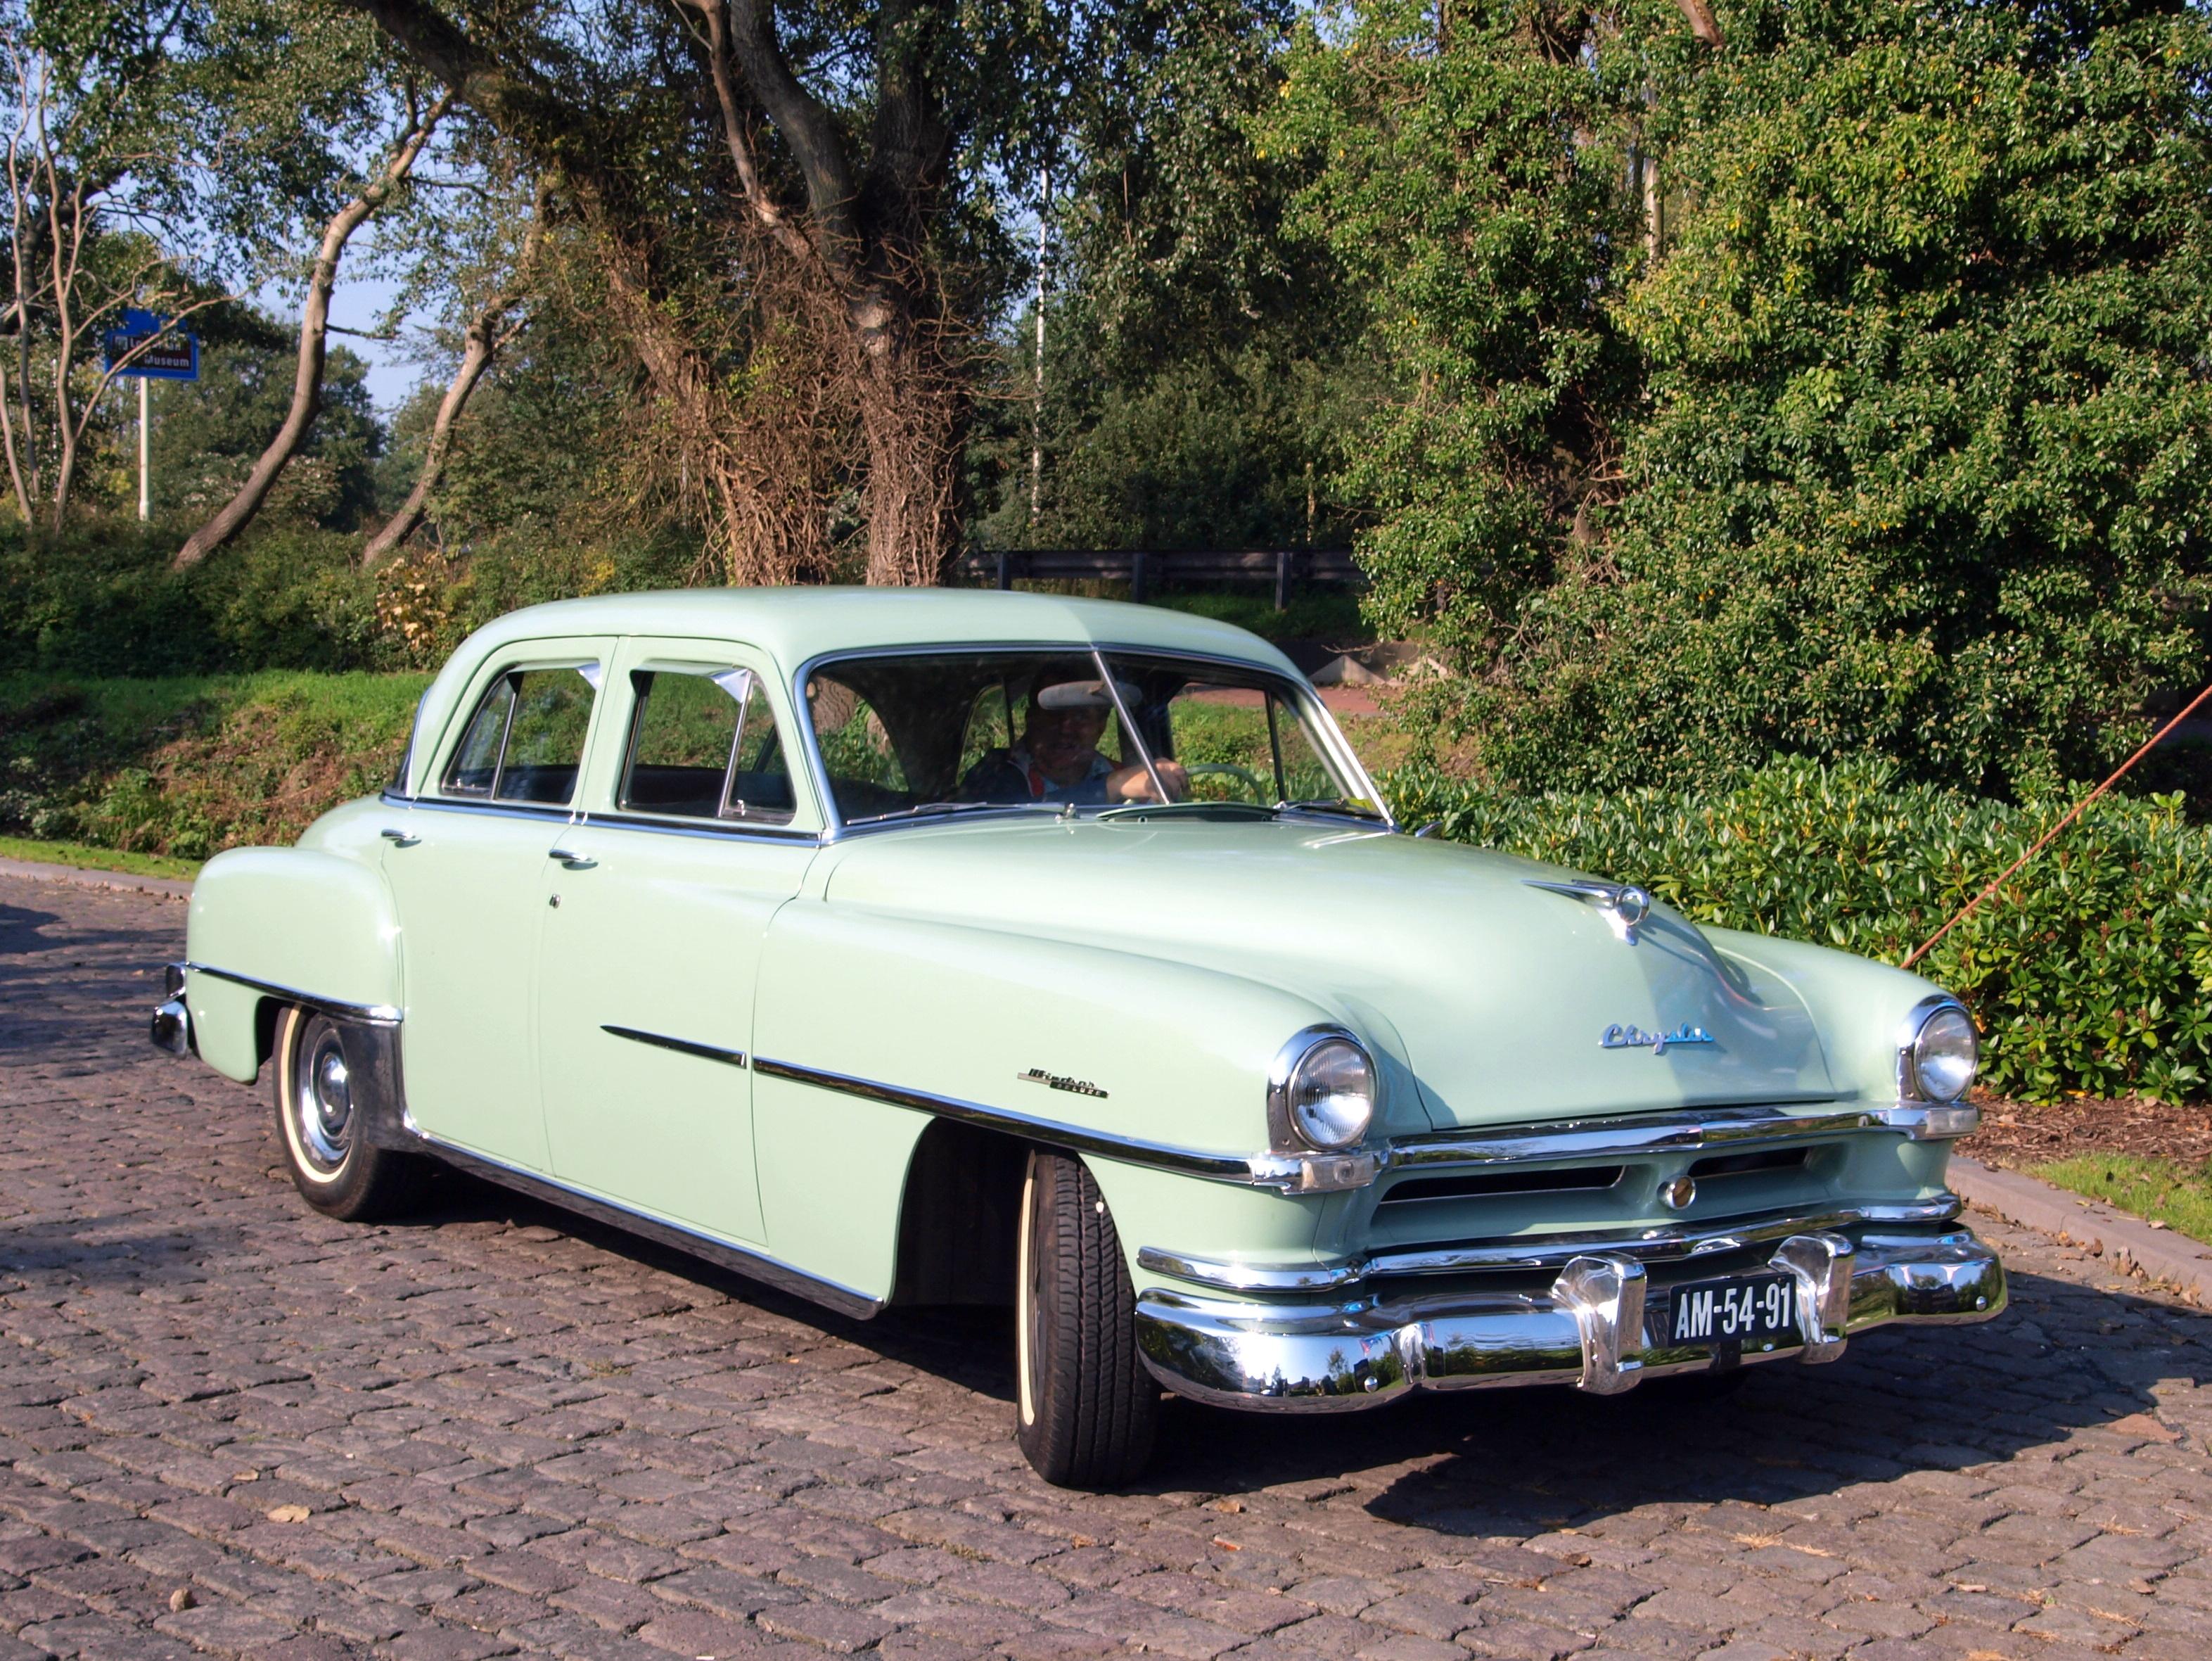 File:1951 Chrysler Windsor De luxe photo-3.JPG - Wikimedia Commons